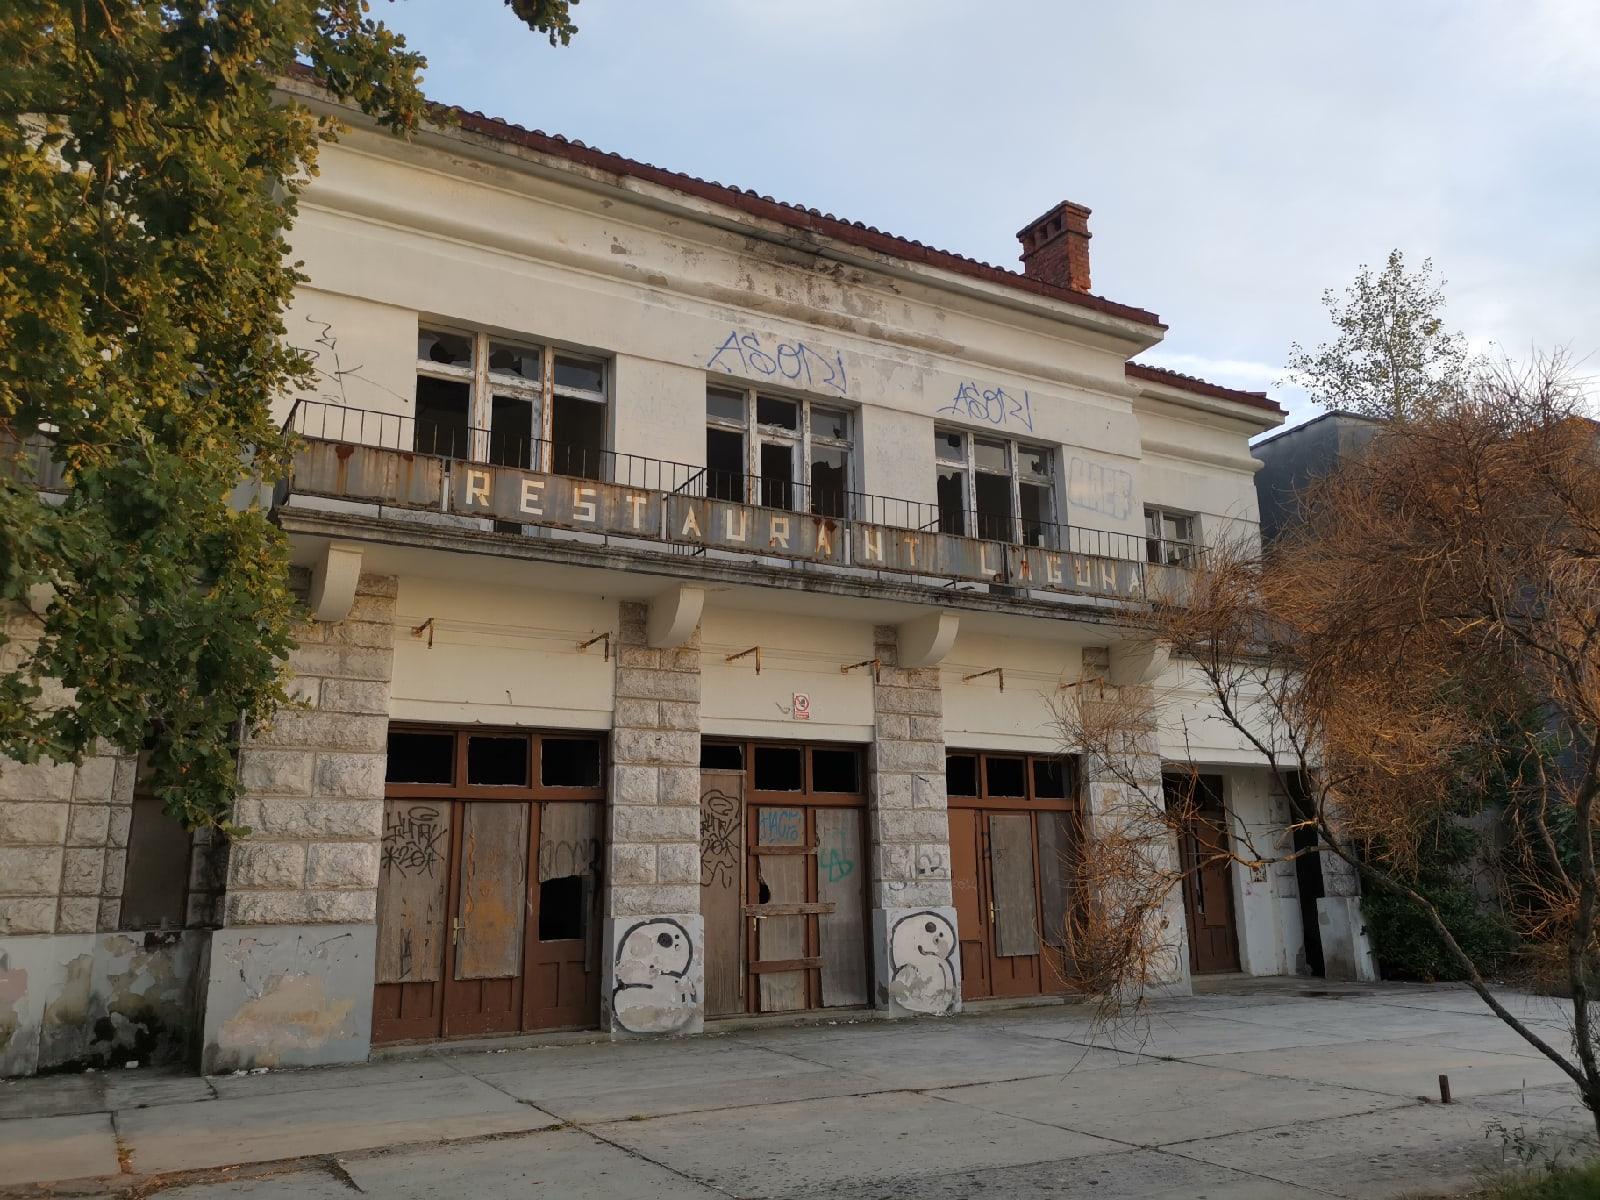 Заброшенный гостиничный комплекс Халудово, Малинска, Хорватия - Фото